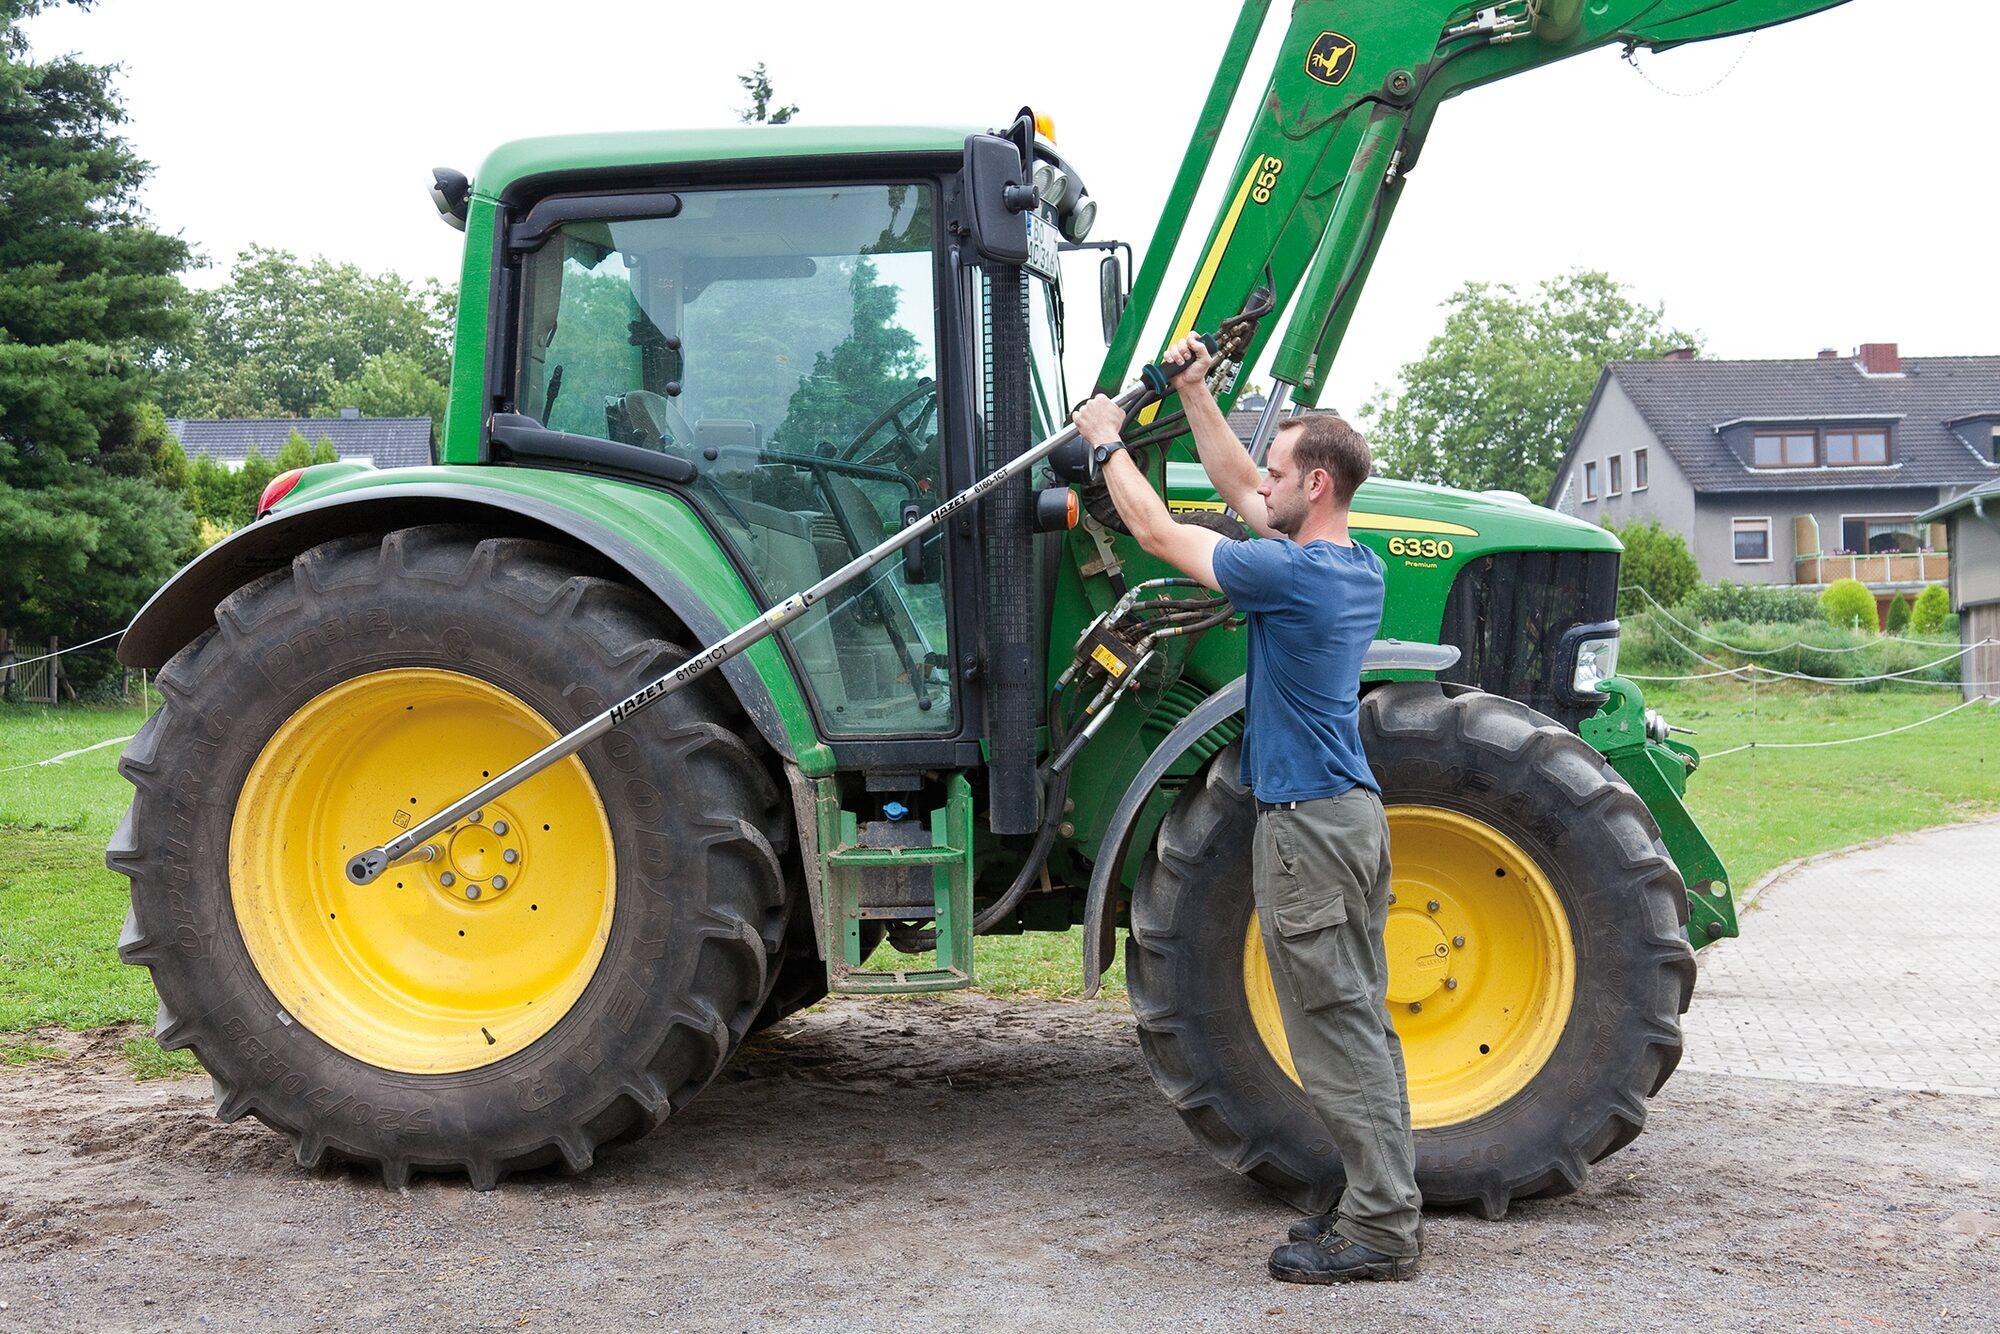 HAZET Drehmoment-Schlüssel 6160-1CTCAL ∙ Nm min-max: 600–1600 Nm ∙ Toleranz: 3% ∙ Vierkant massiv 25 mm (1 Zoll)